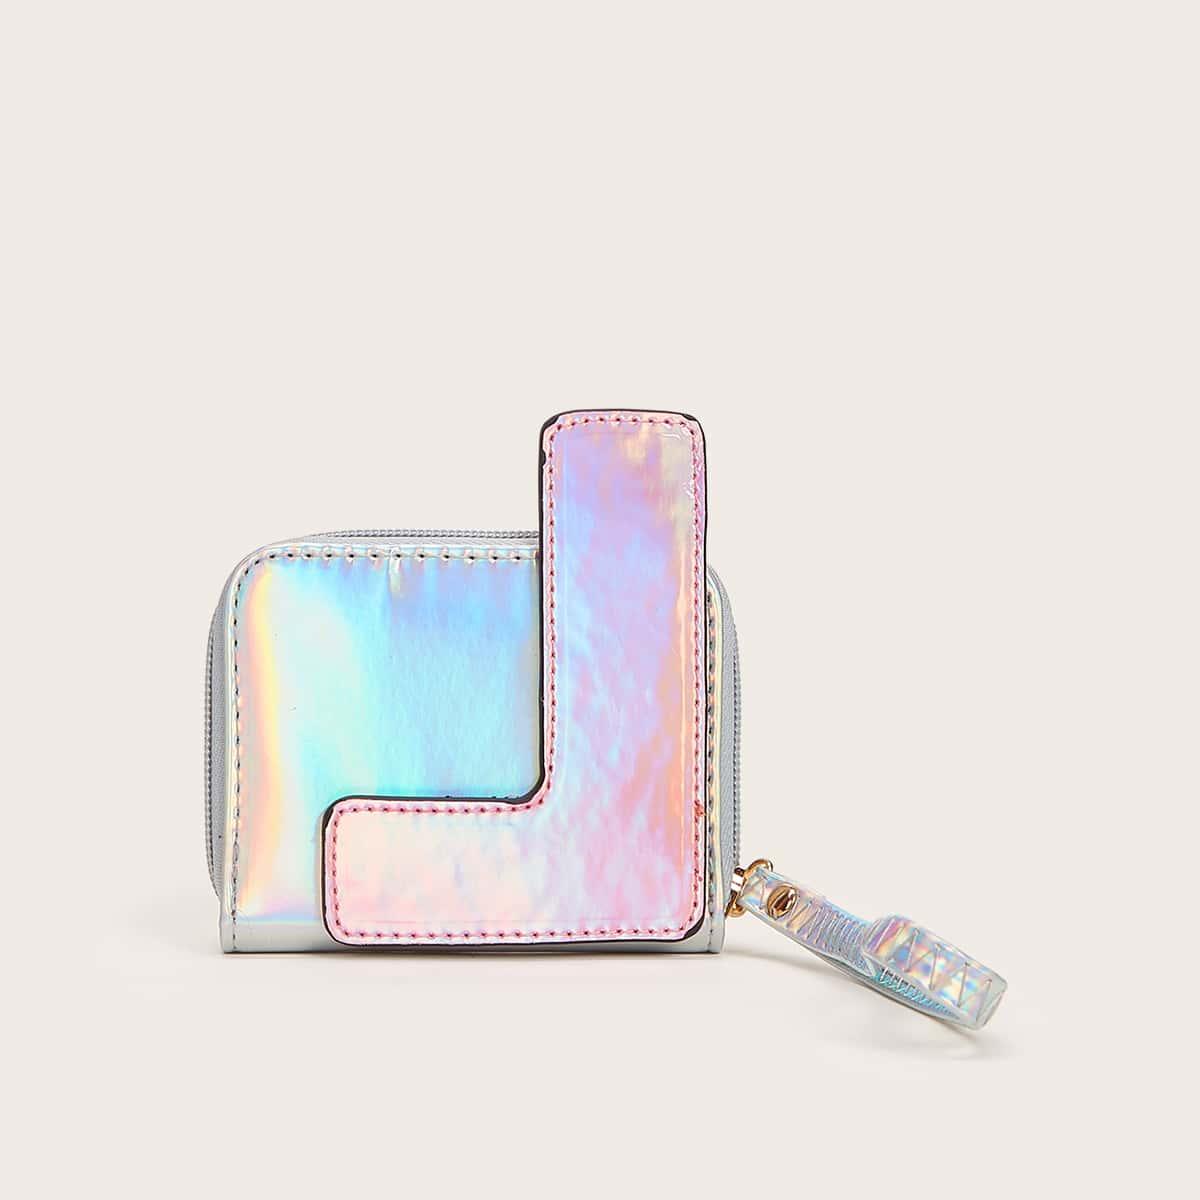 shein Holografische kleine portemonnee